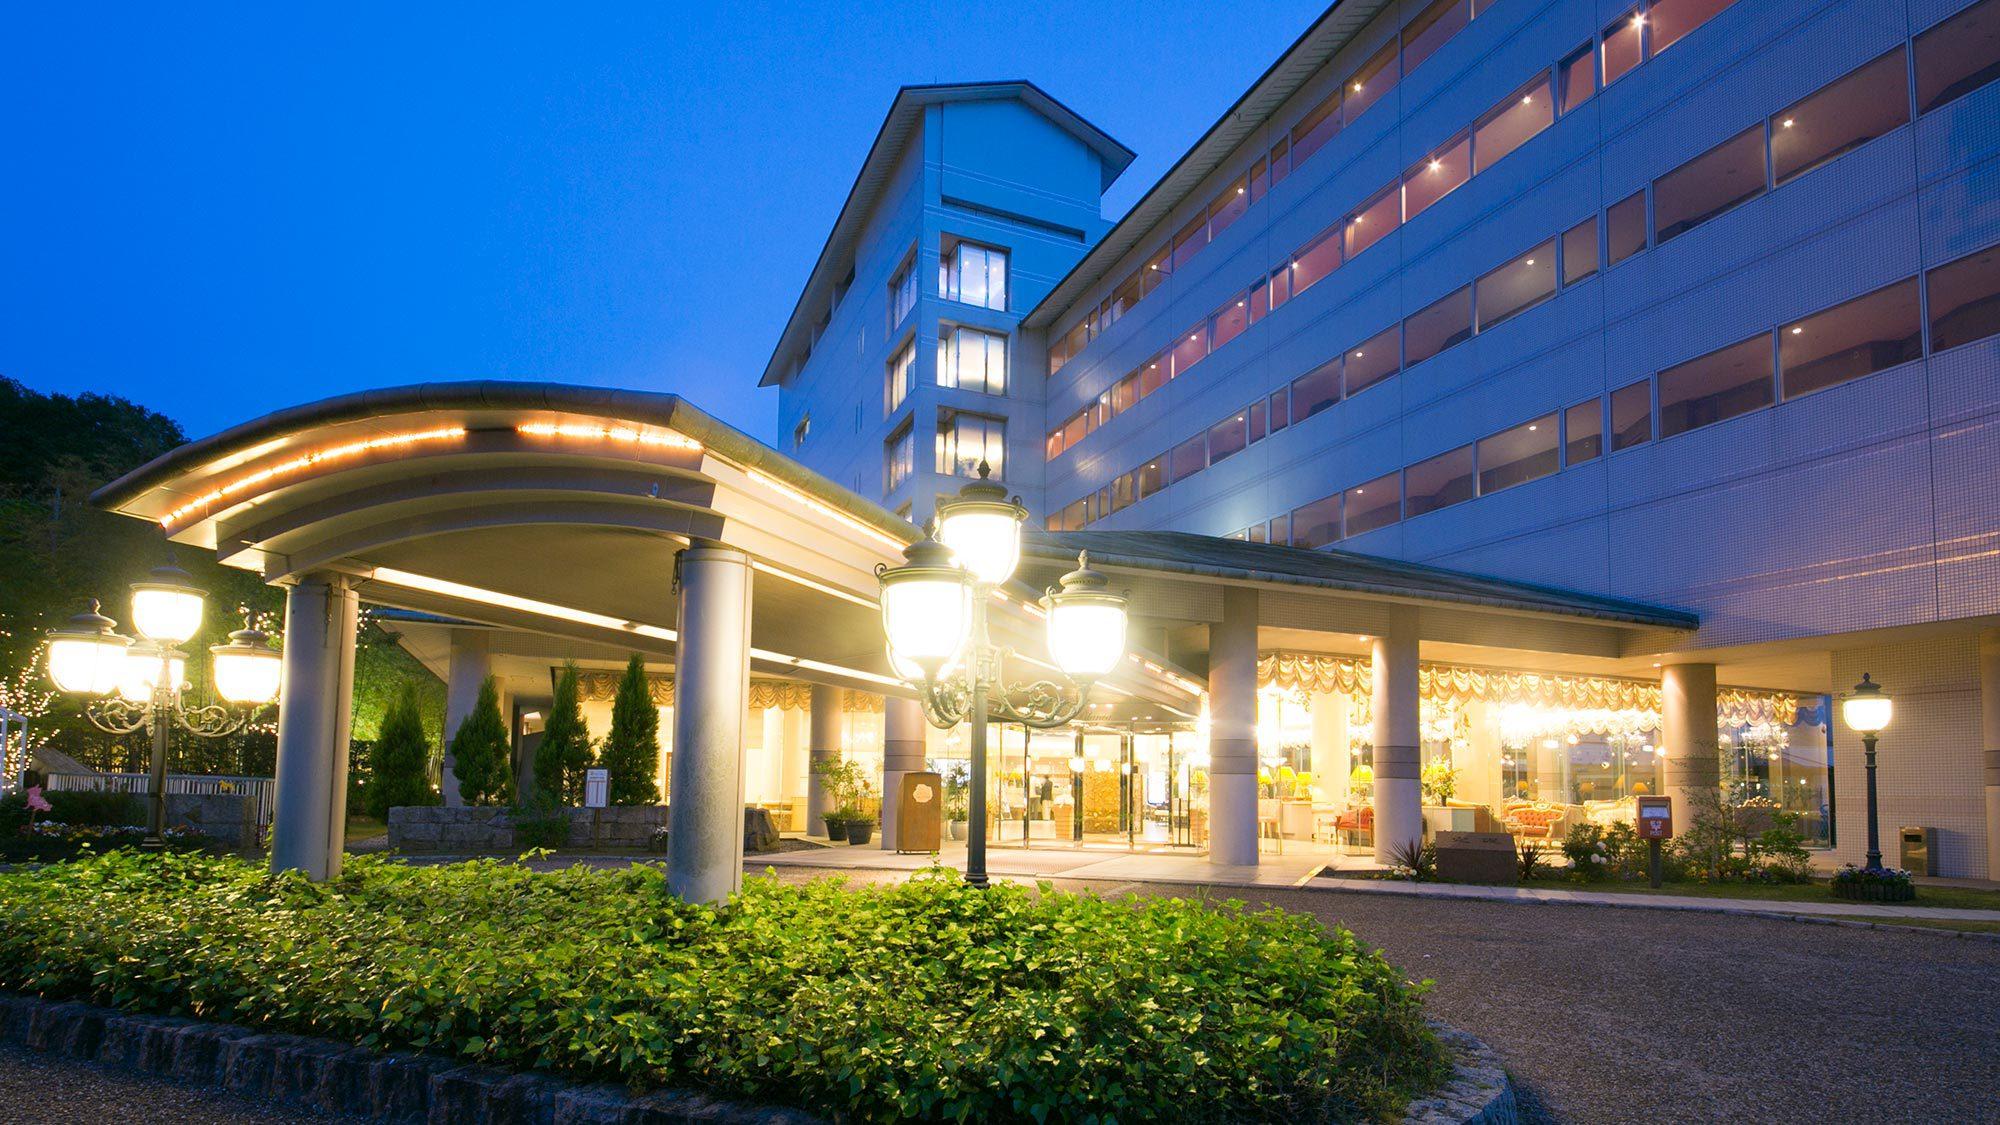 青山ガーデンリゾート ホテルローザブランカ